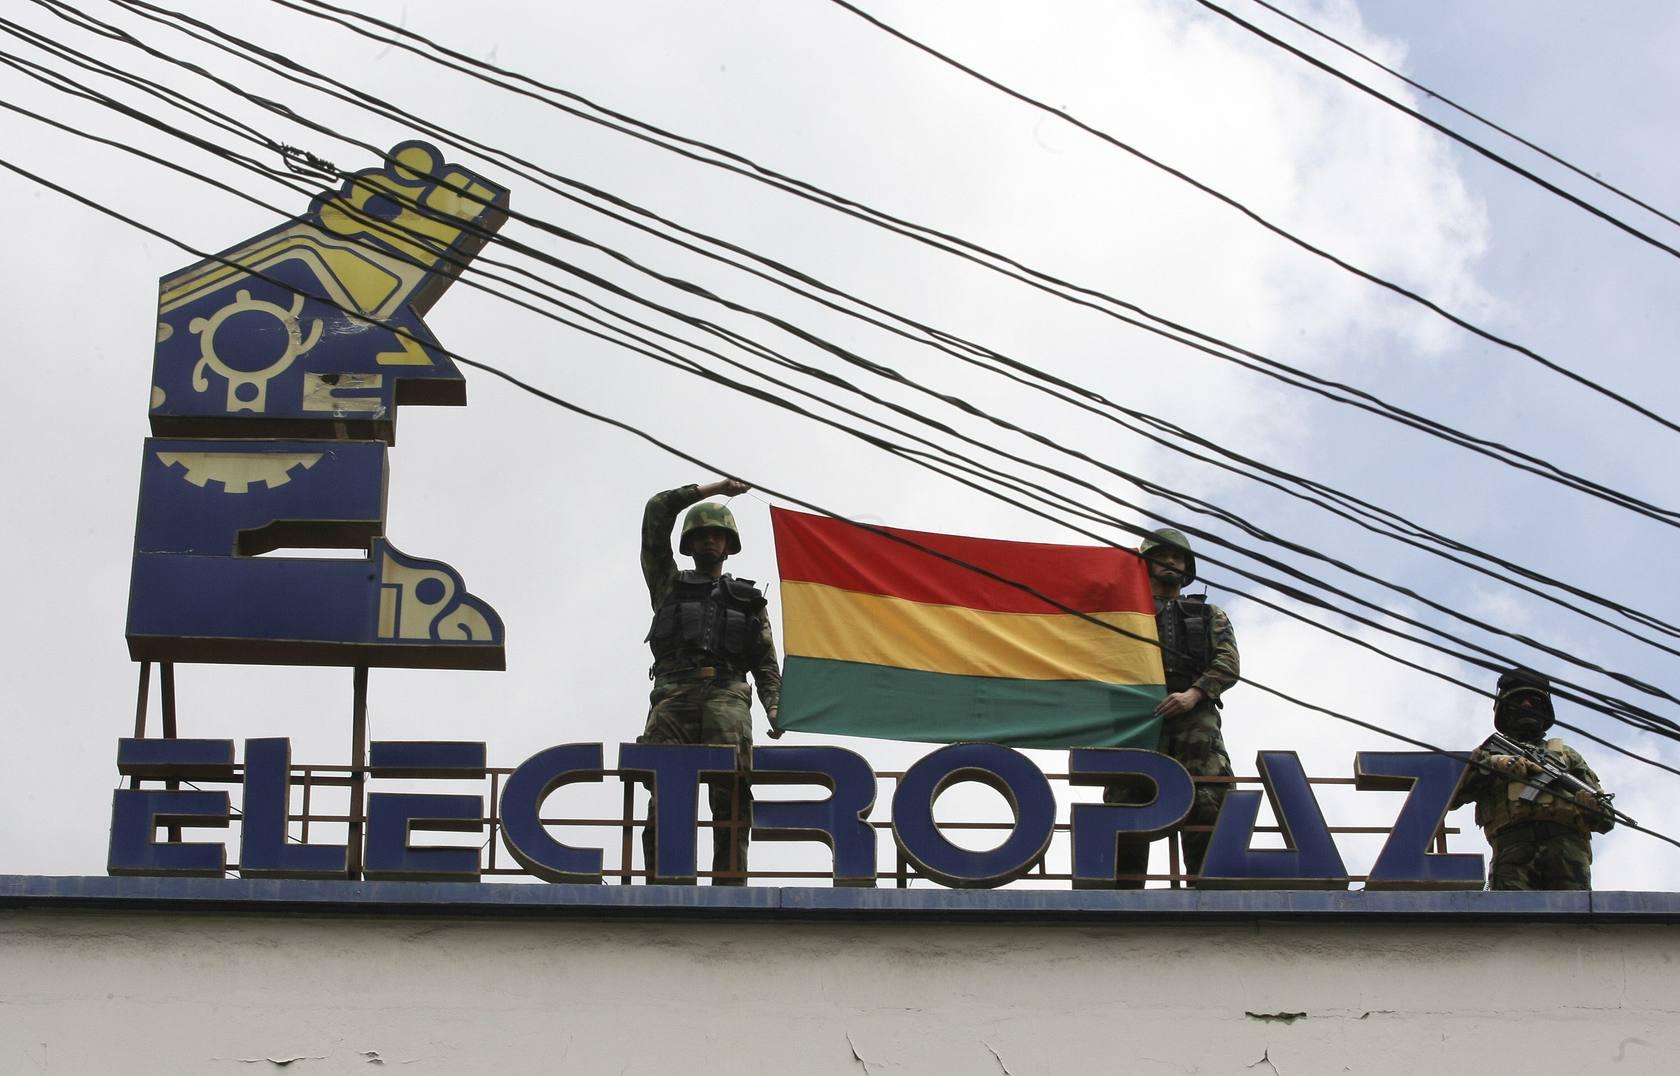 Bolivia expropia cuatro filiales de Iberdrola